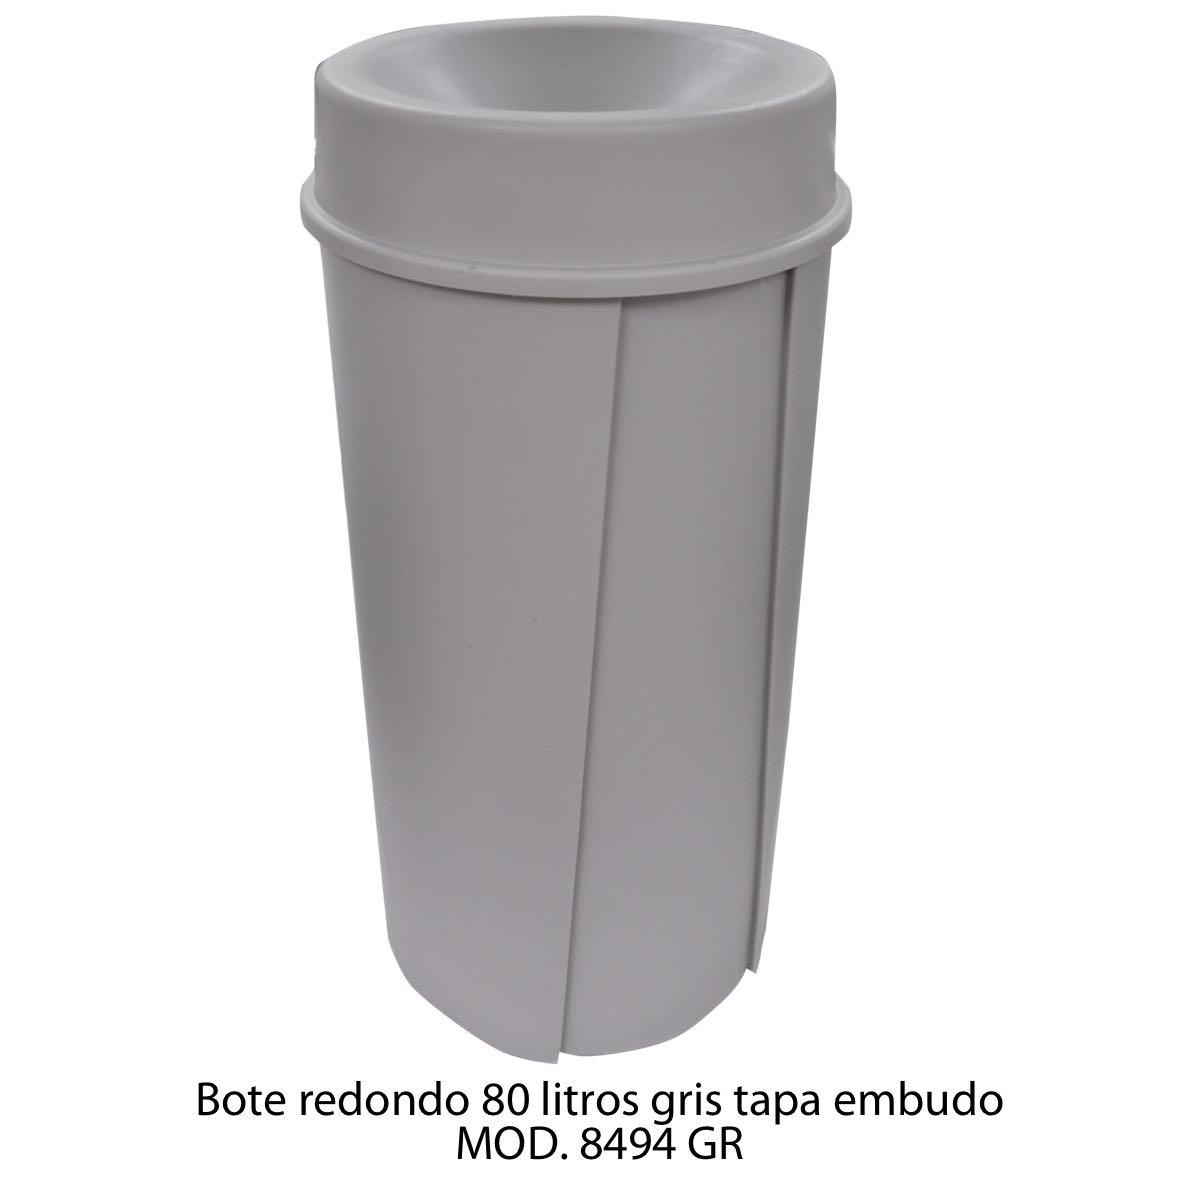 Bote de basura redondo de 80 litros con tapa embudo color gris modelo 8494 GR Sablón